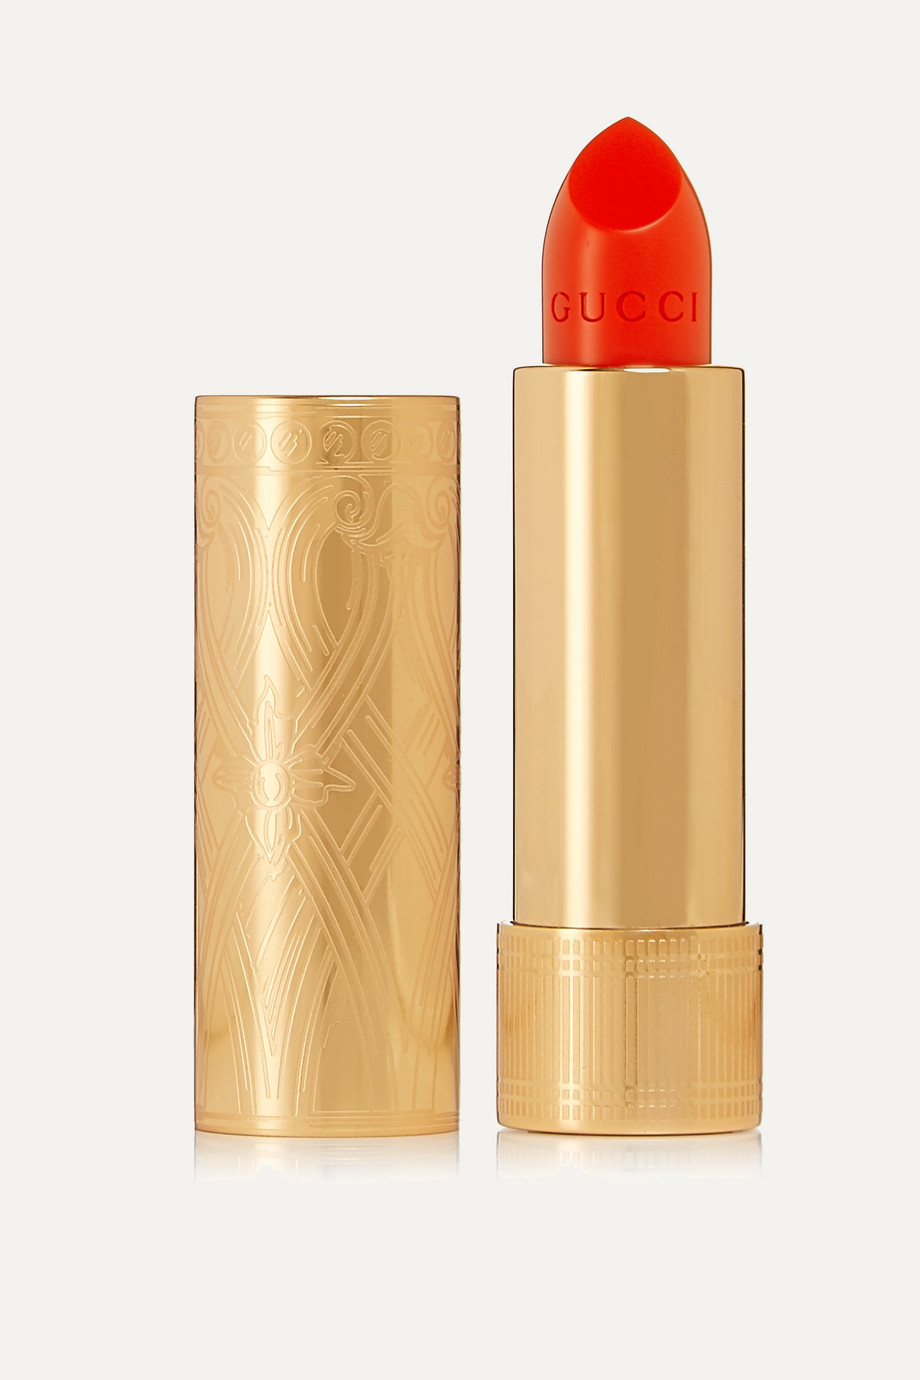 Gucci Beauty Rouge à Lèvres Satin 302 – Agatha Orange – Lippenstift